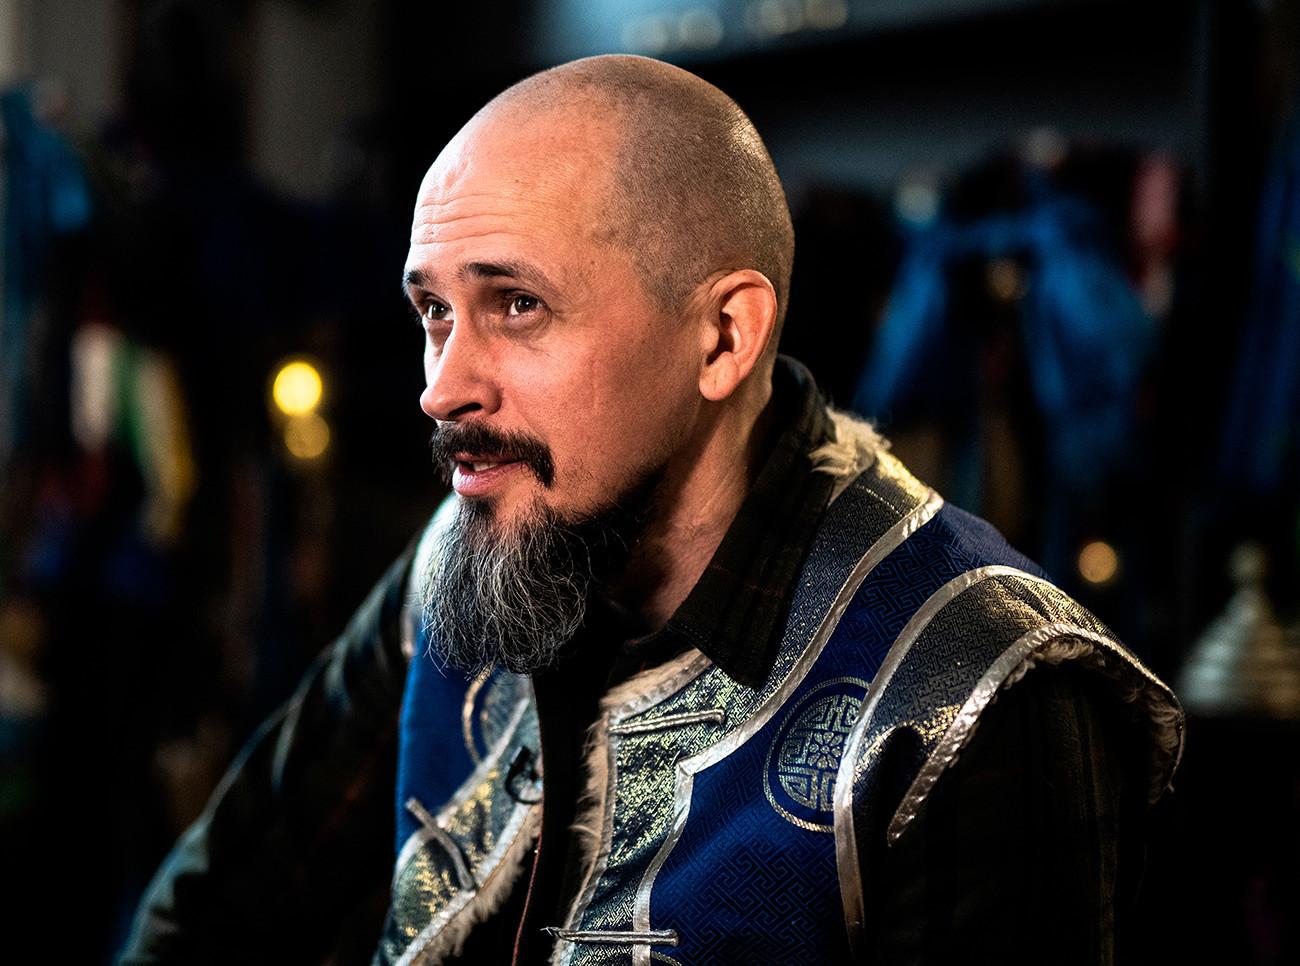 Челябинский шаман, певец, музыкант, исполнитель различных стилей горлового пения, специалист по выживанию Тюргэн Кам в Челябинской области.